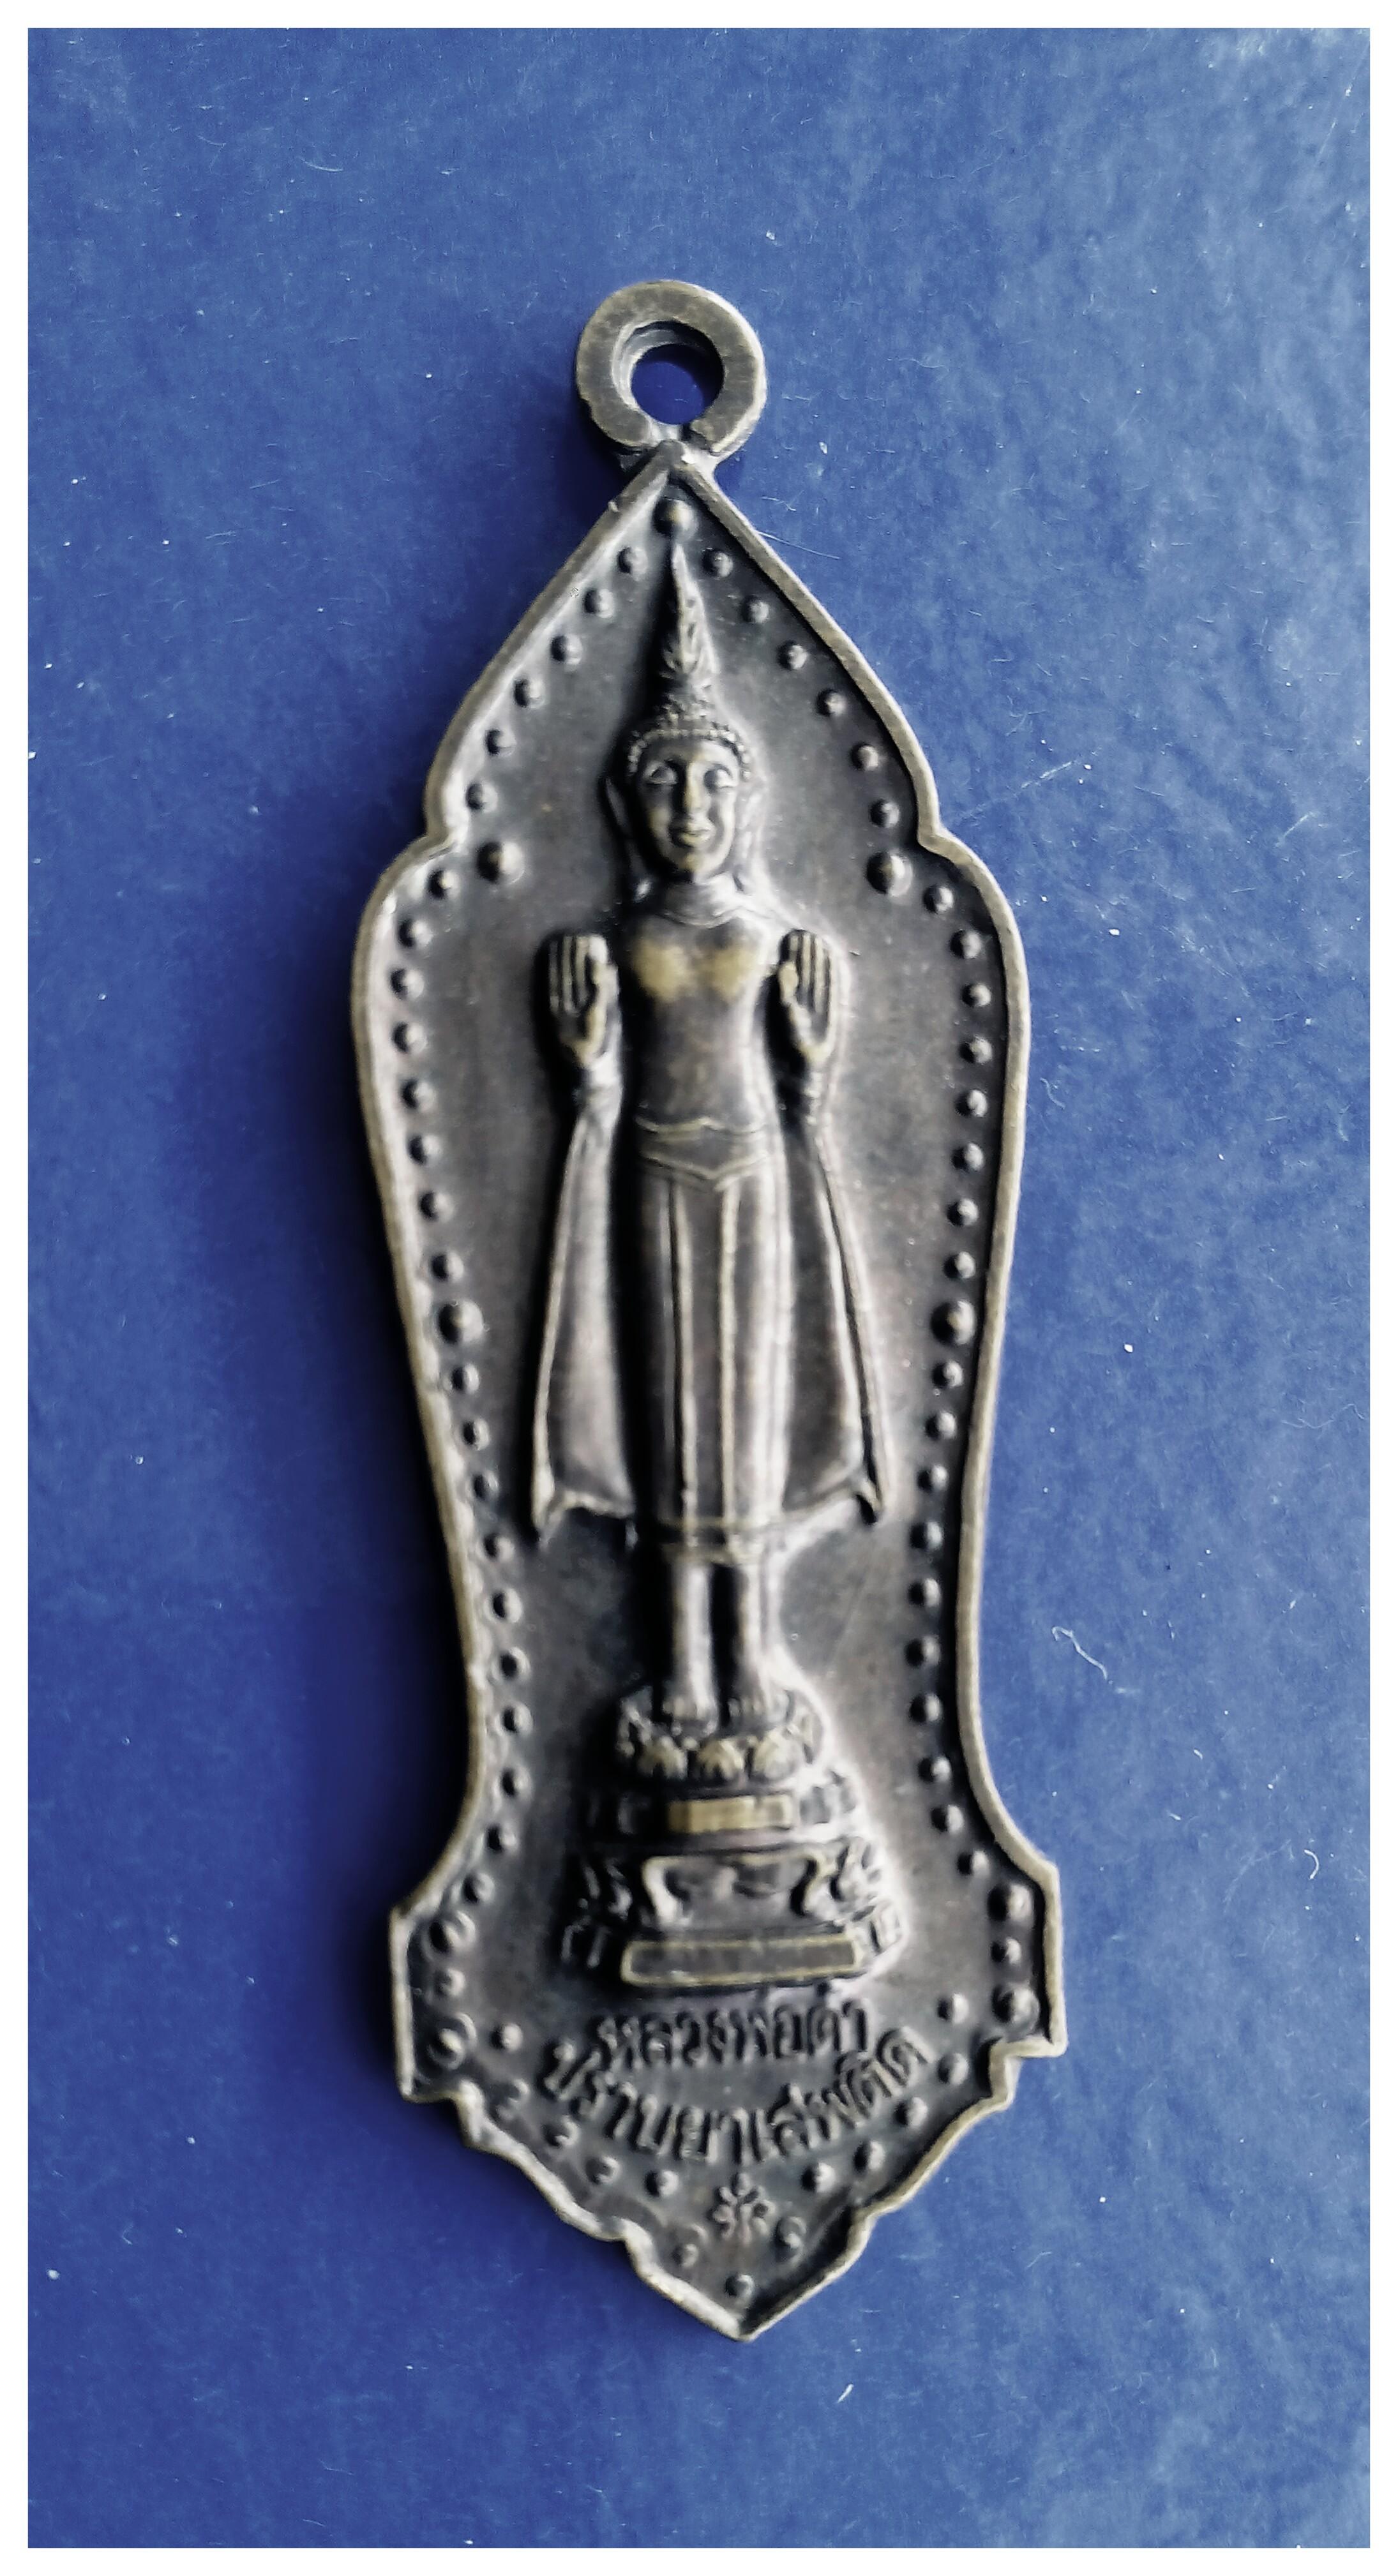 เหรียญหลวงพ่อดำ หลังสิงห์ อ.บ้านหม้อ สระบุรี